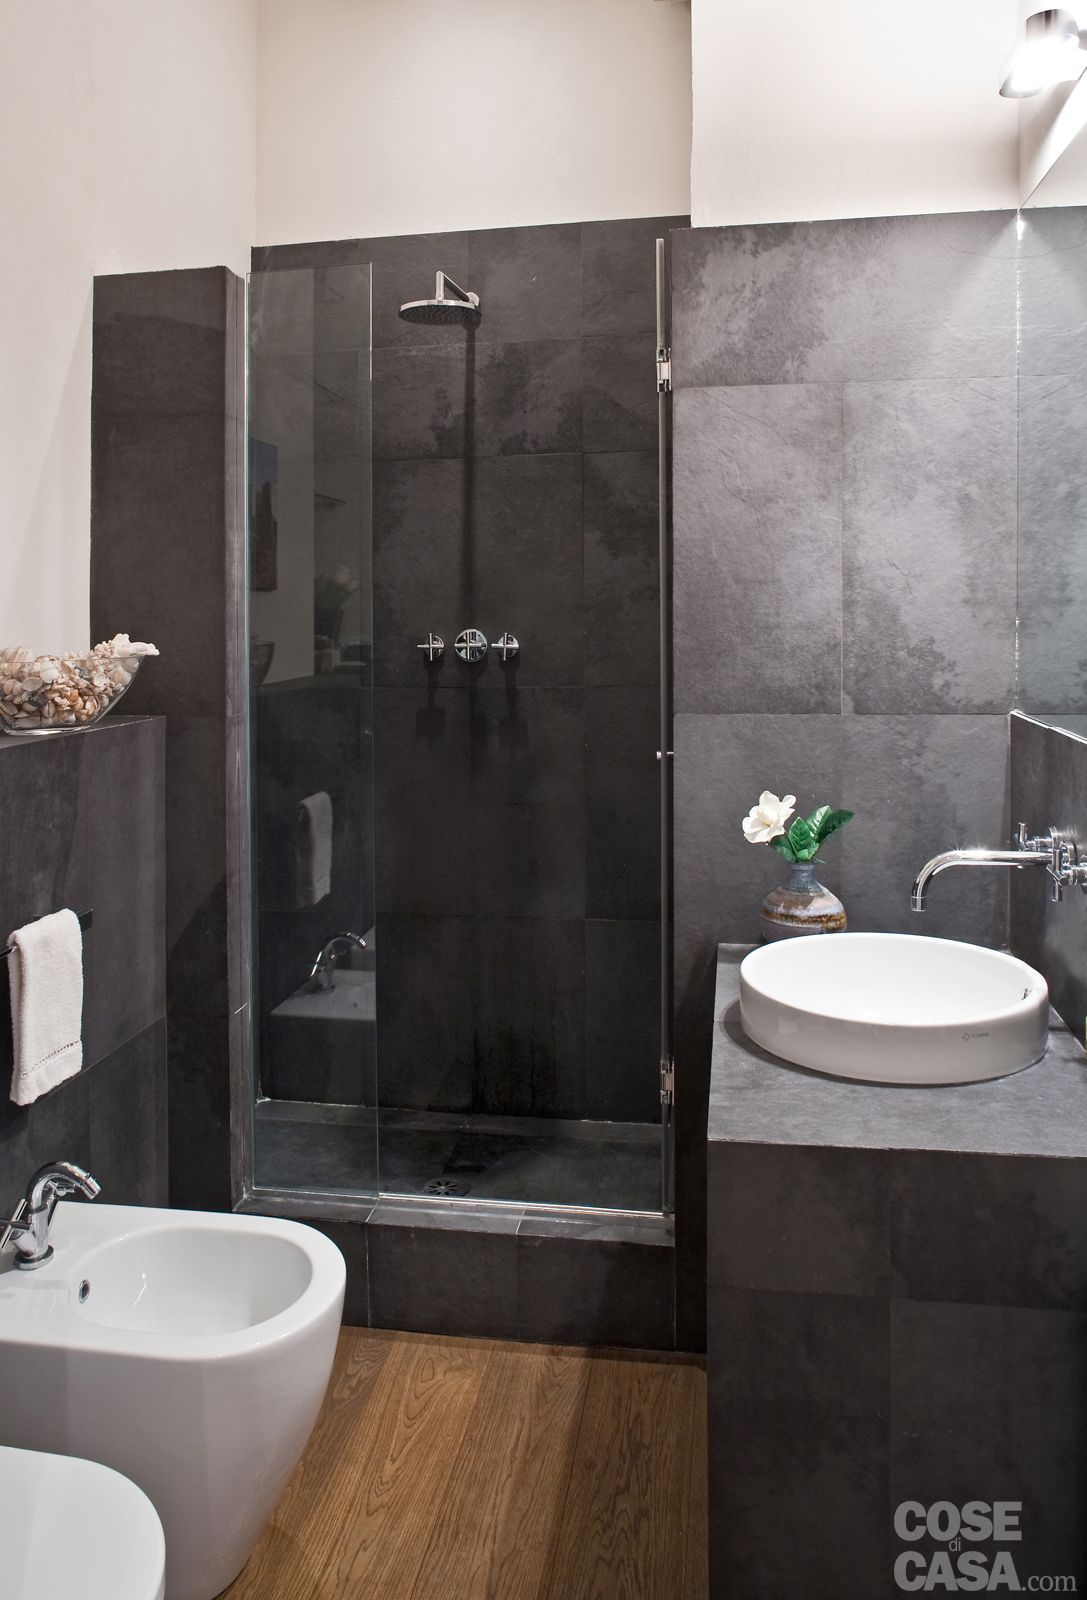 Bagno di servizio casa small bathroom man cave bathroom e bathroom - Bagno piccolo moderno ...